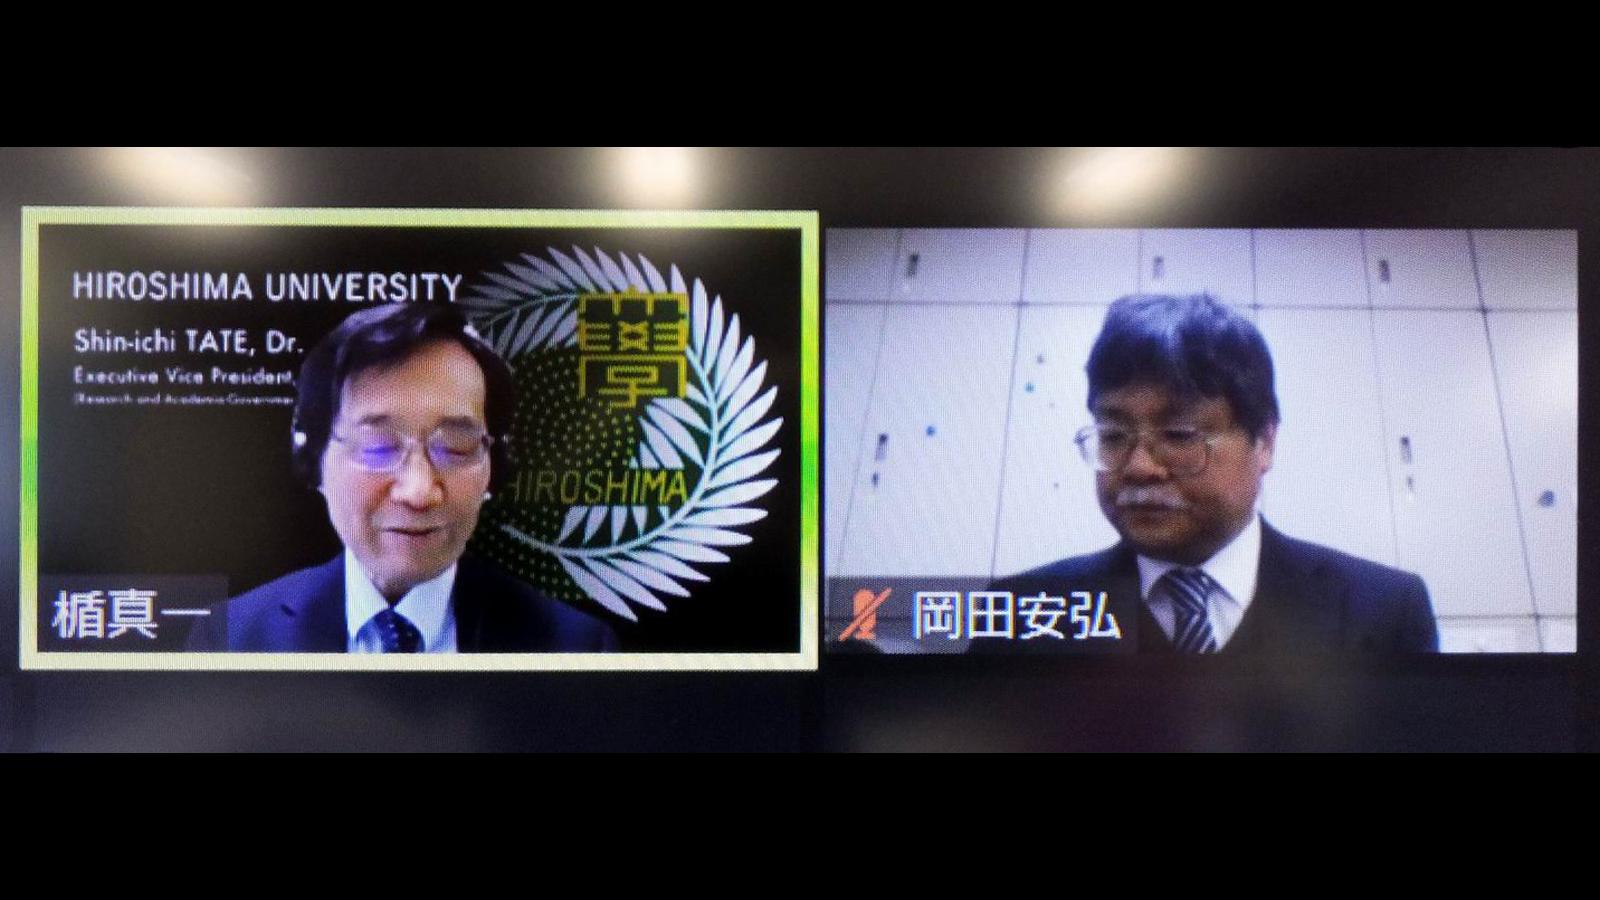 楯真一広島大学副学長・理事と岡田安弘KEK研究担当理事